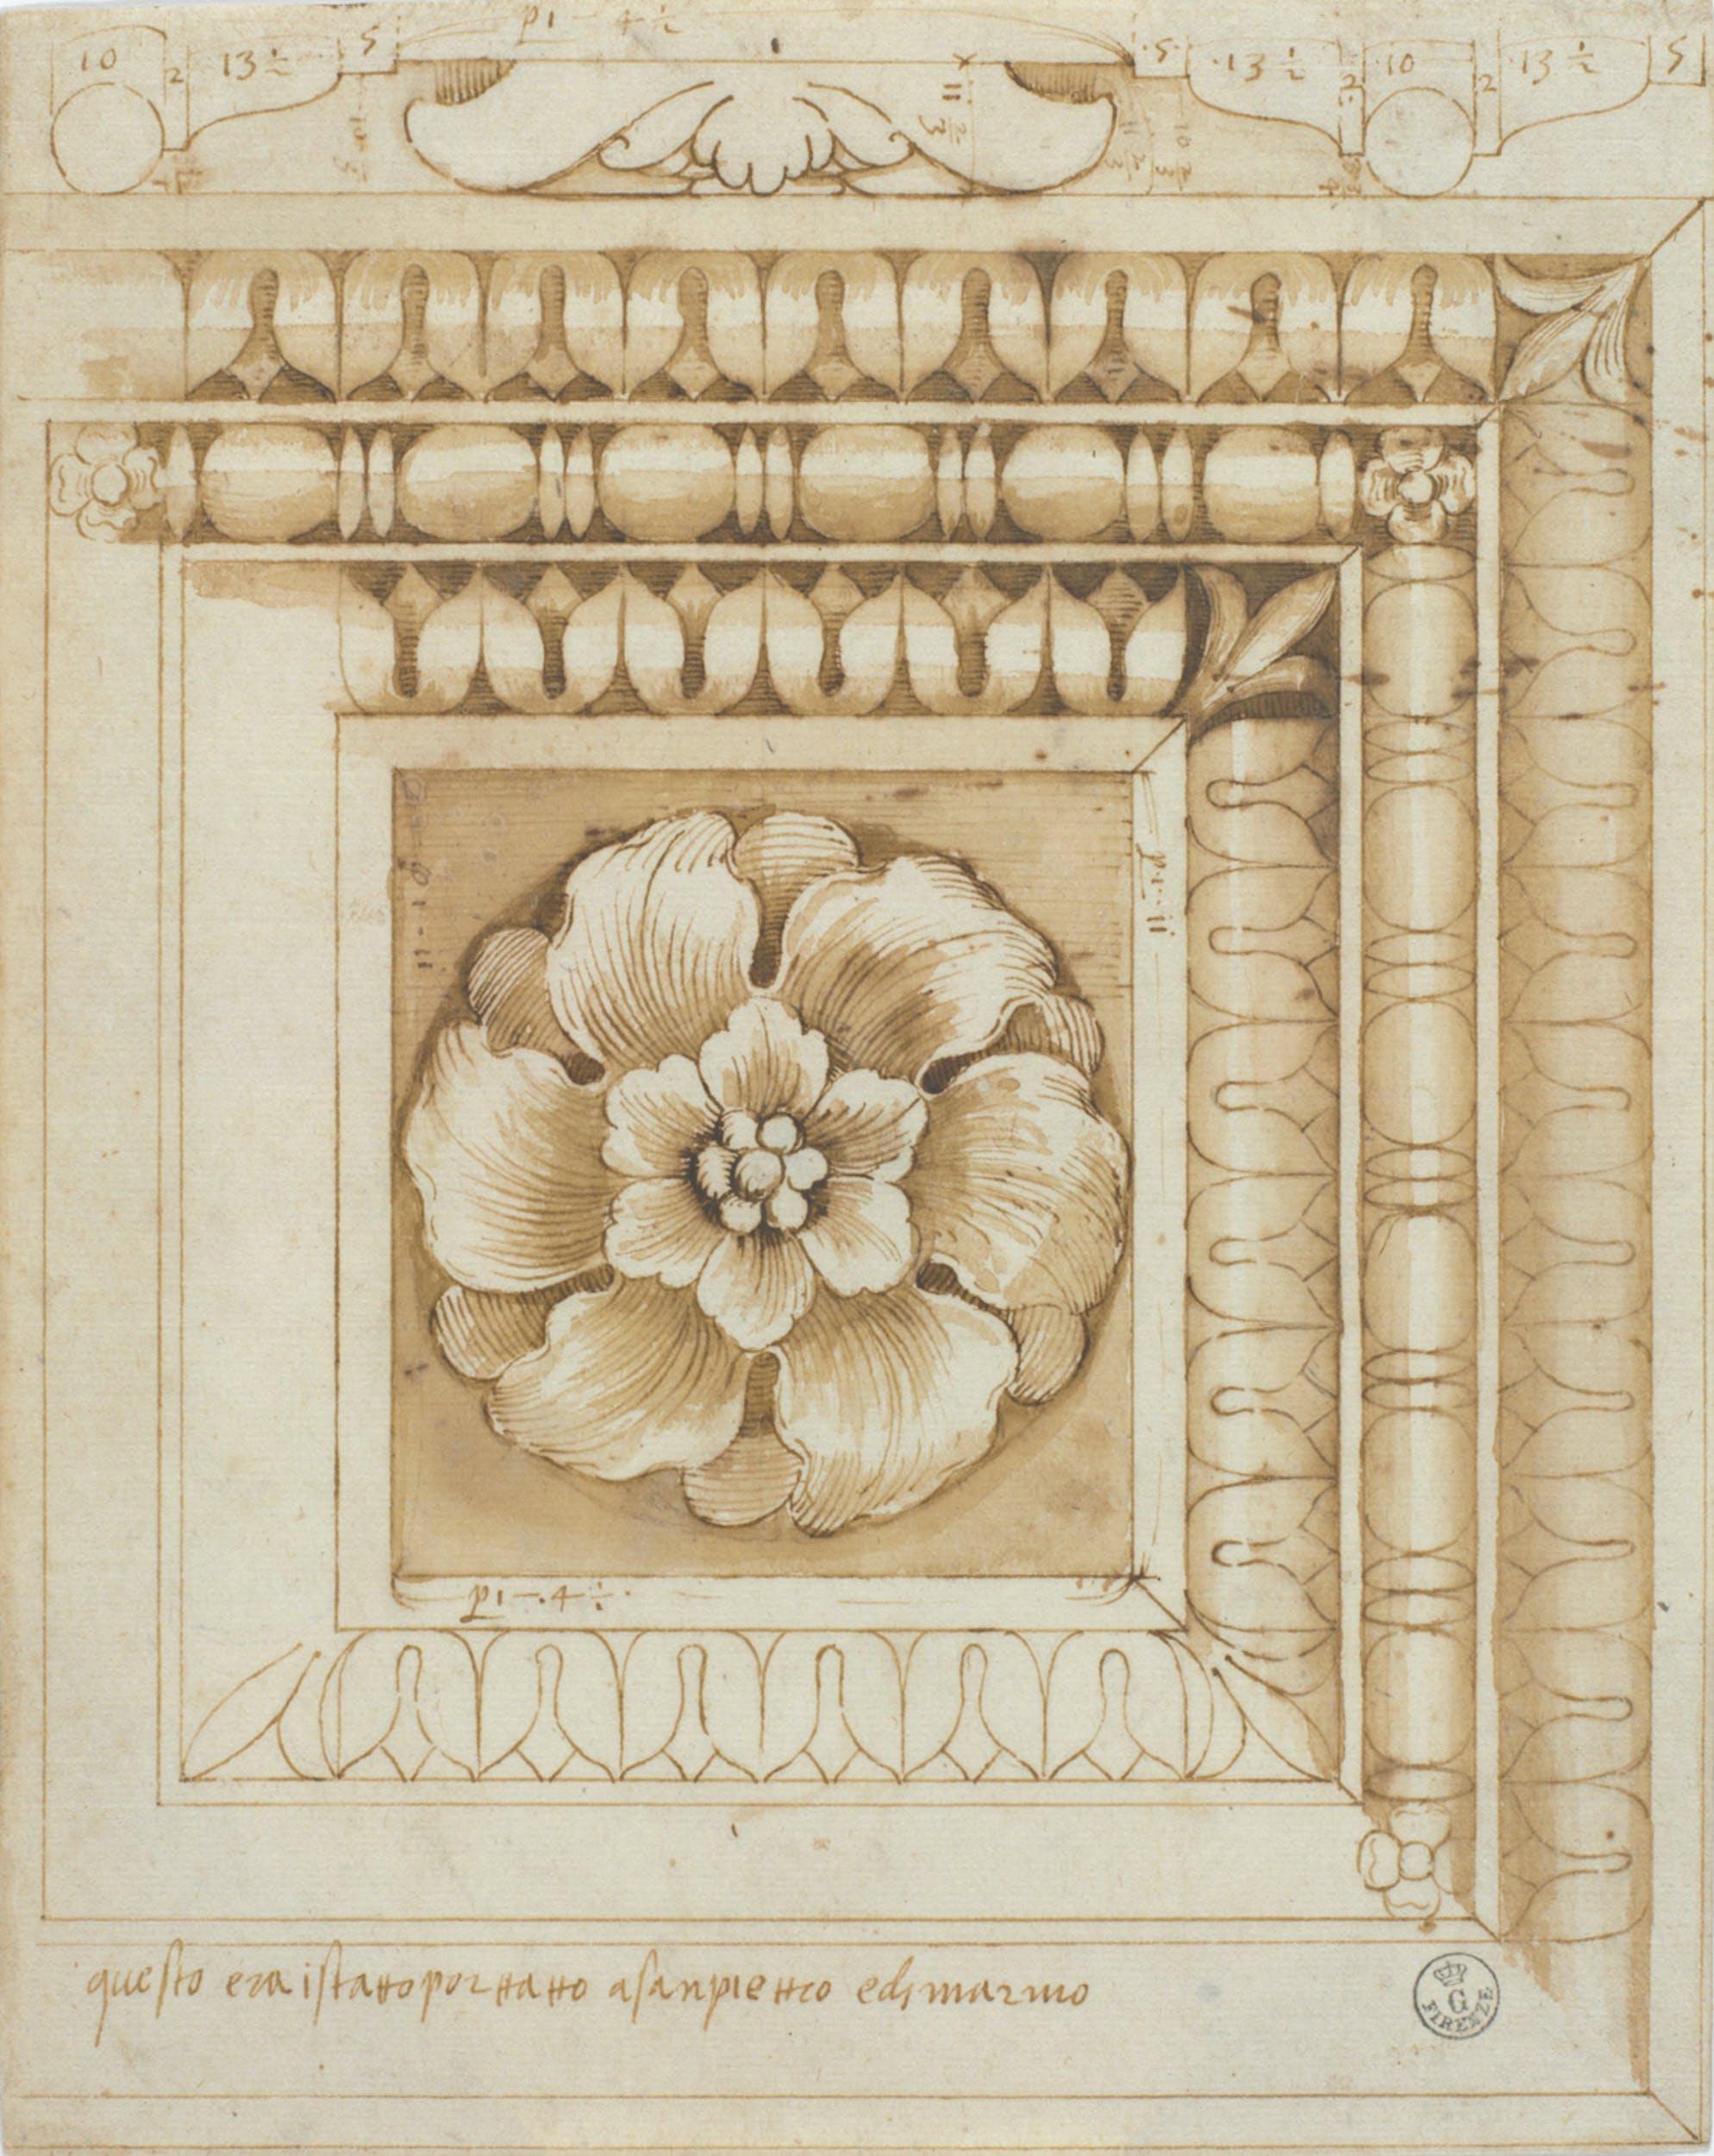 Pietro Rosselli Lacunare marmoreo antico stilo e penna su carta bianca Gabinetto dei Disegni e delle Stampe, Gallerie degli Uffizi, Firenze